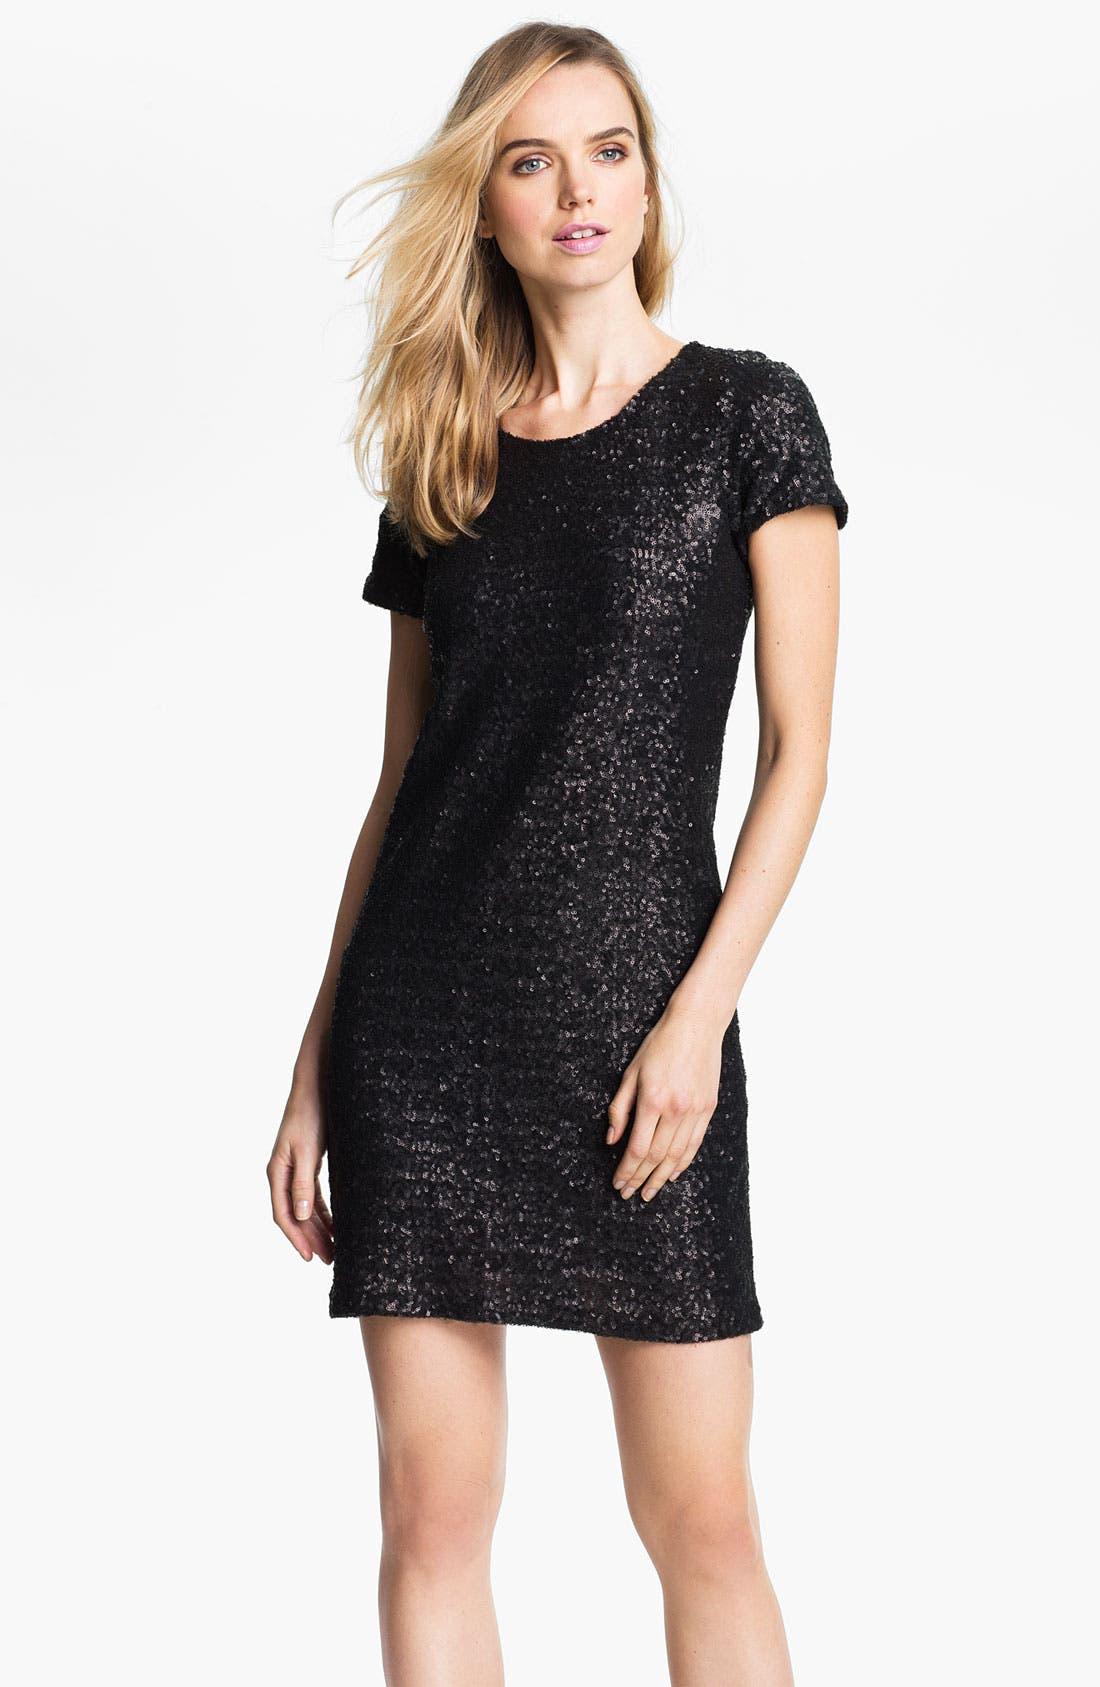 Alternate Image 1 Selected - Velvet by Graham & Spencer Sequin T-Shirt Dress